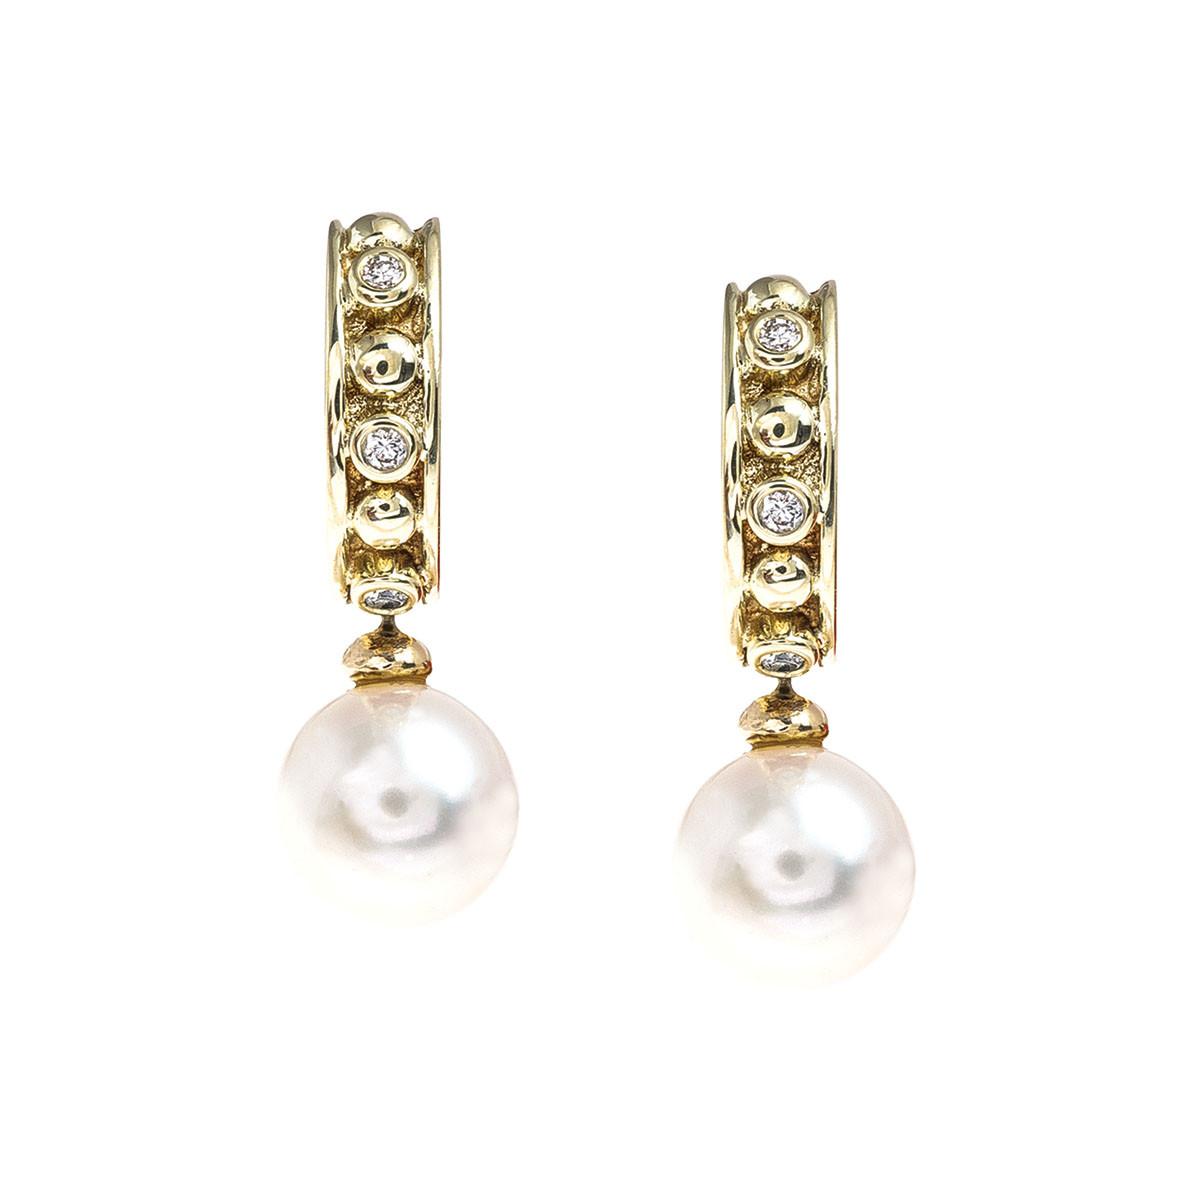 Vintage 0.18 CTW Diamond and Cultured Pearl Hoop Earrings